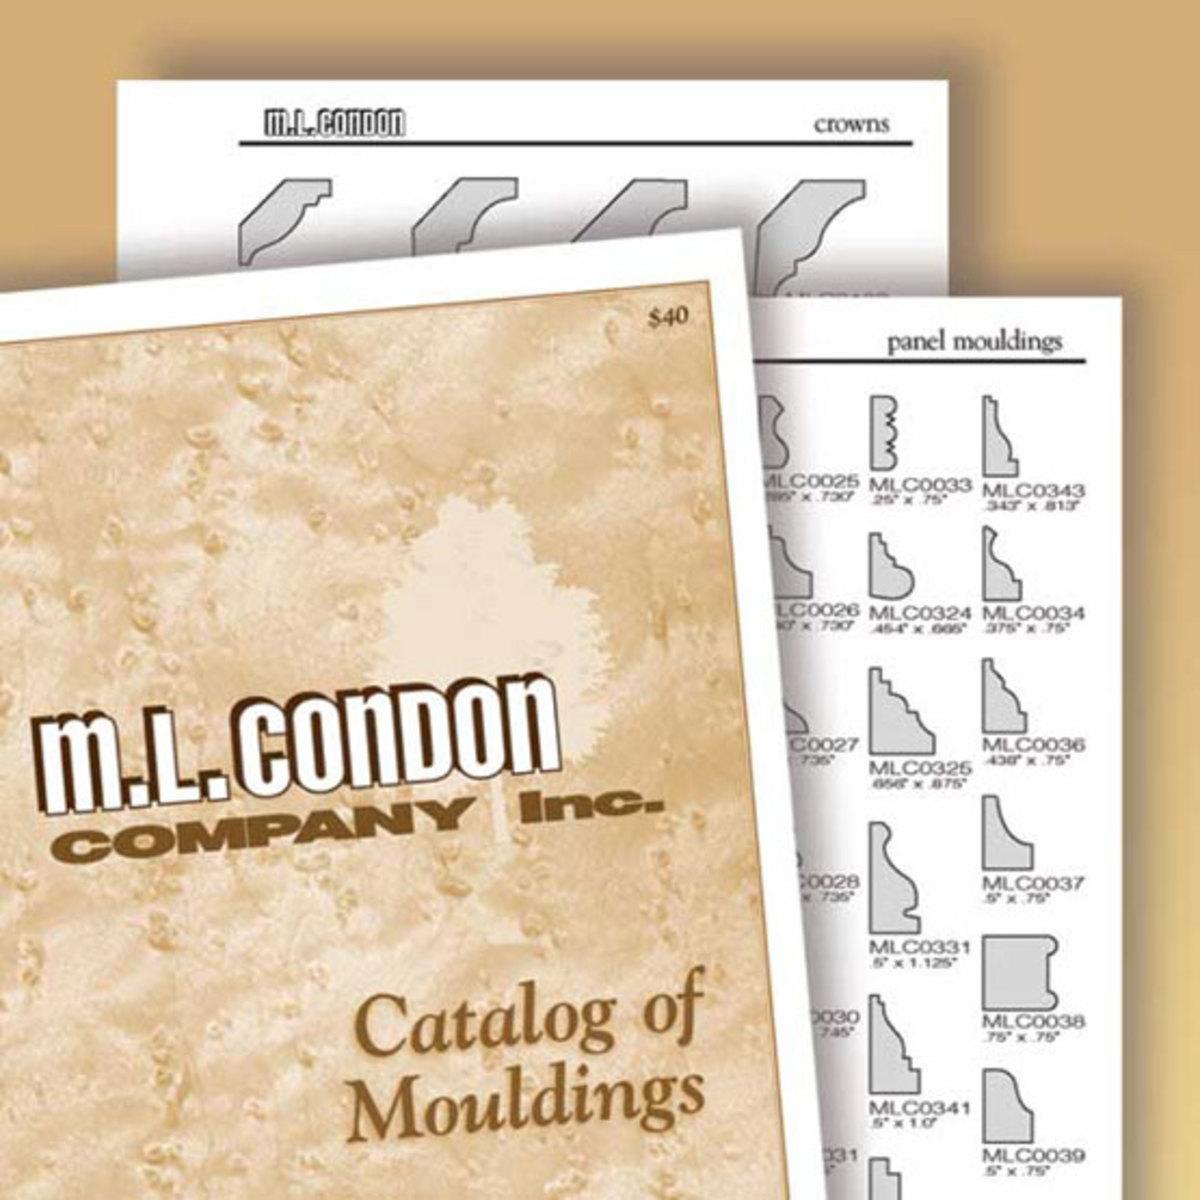 M.L. Condon Company